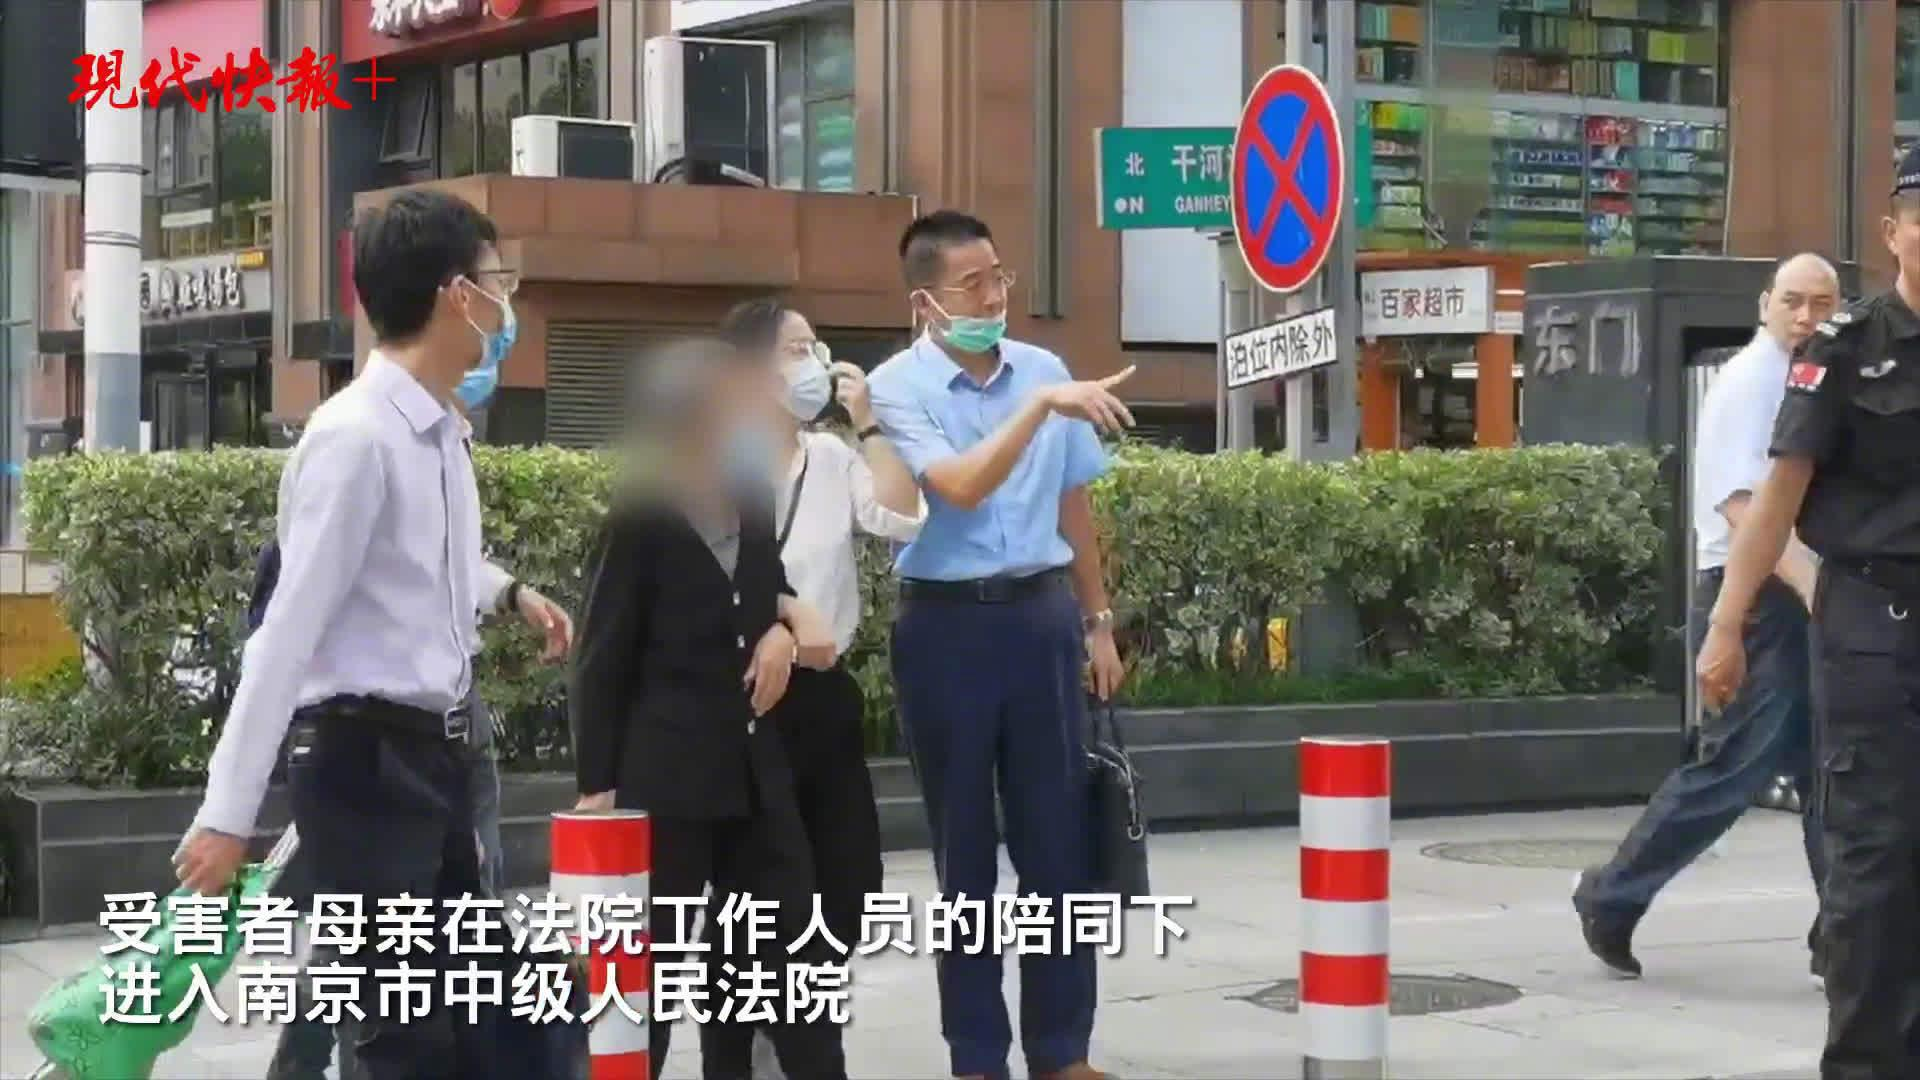 """""""南医大女生被杀案""""今天开庭 受害者母亲出席庭审"""